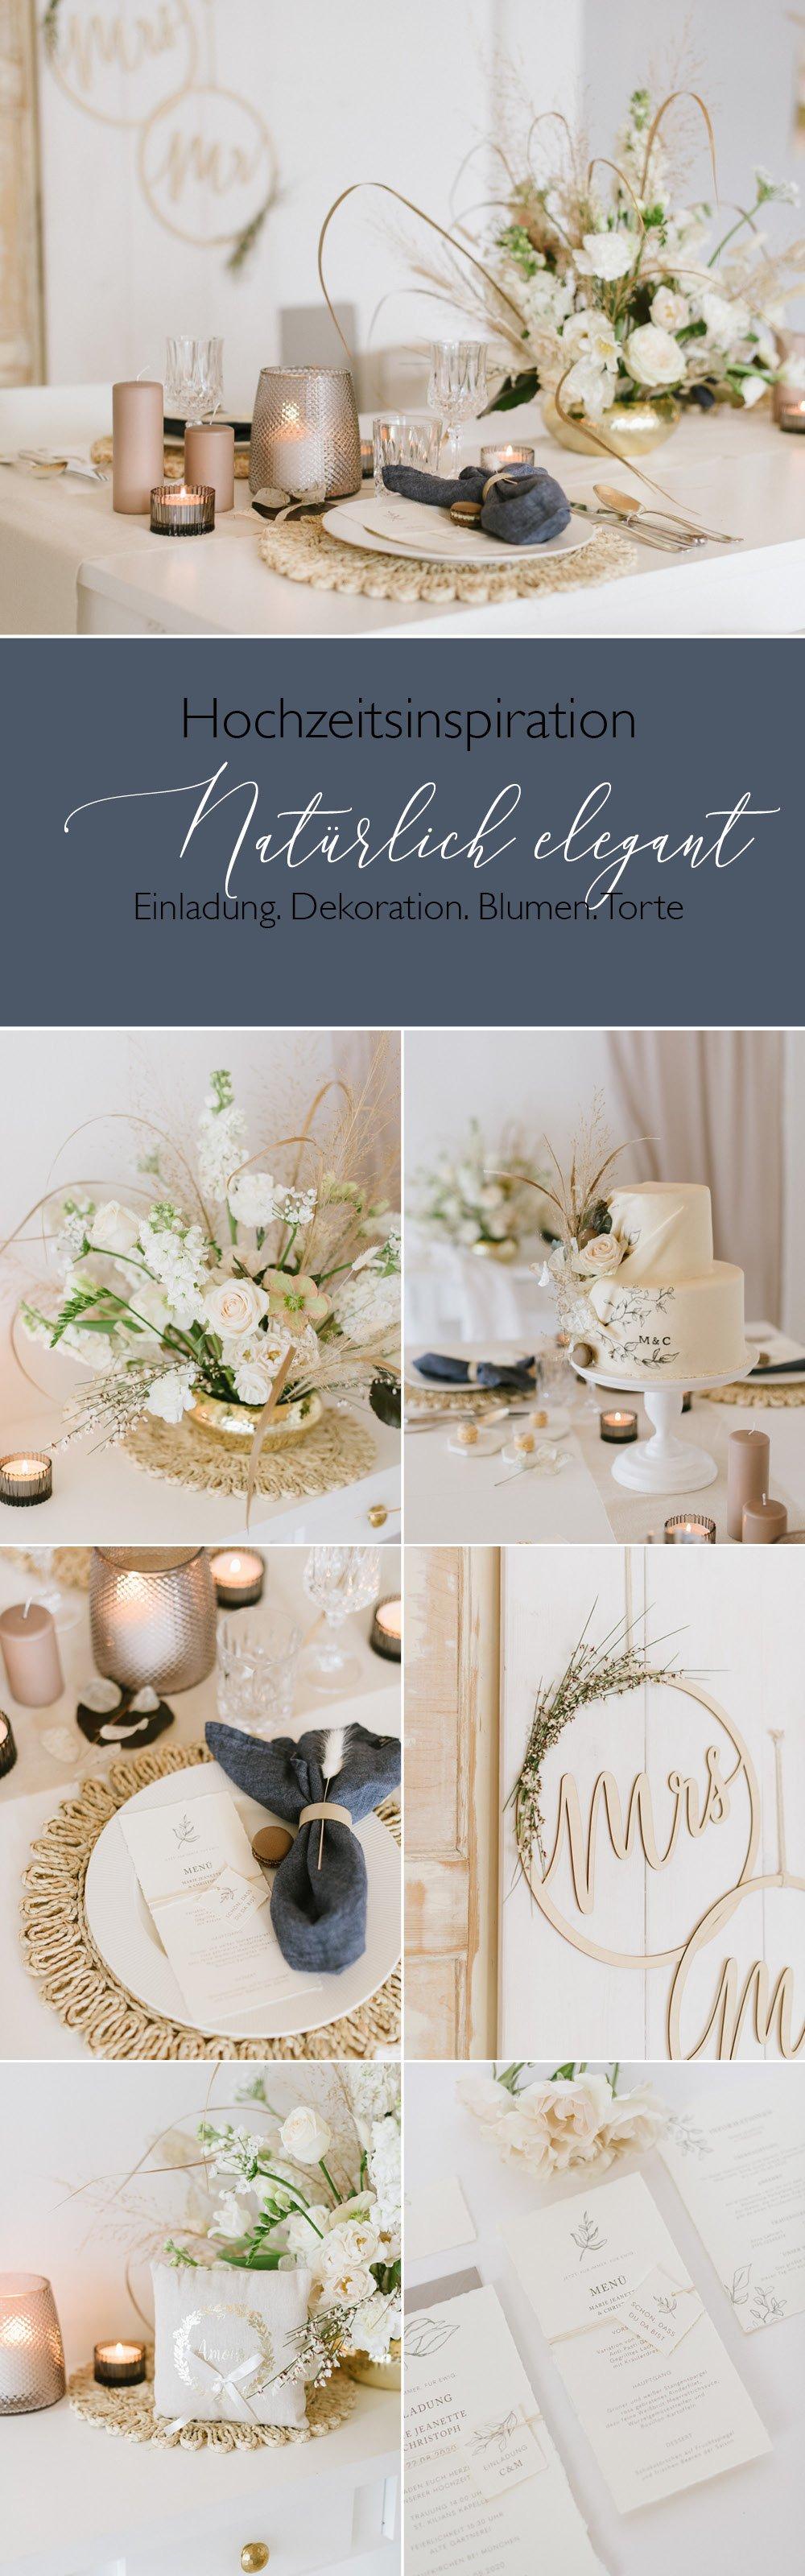 Hochzeitsdekoration mit natürlicher Eleganz und Trockenblumen